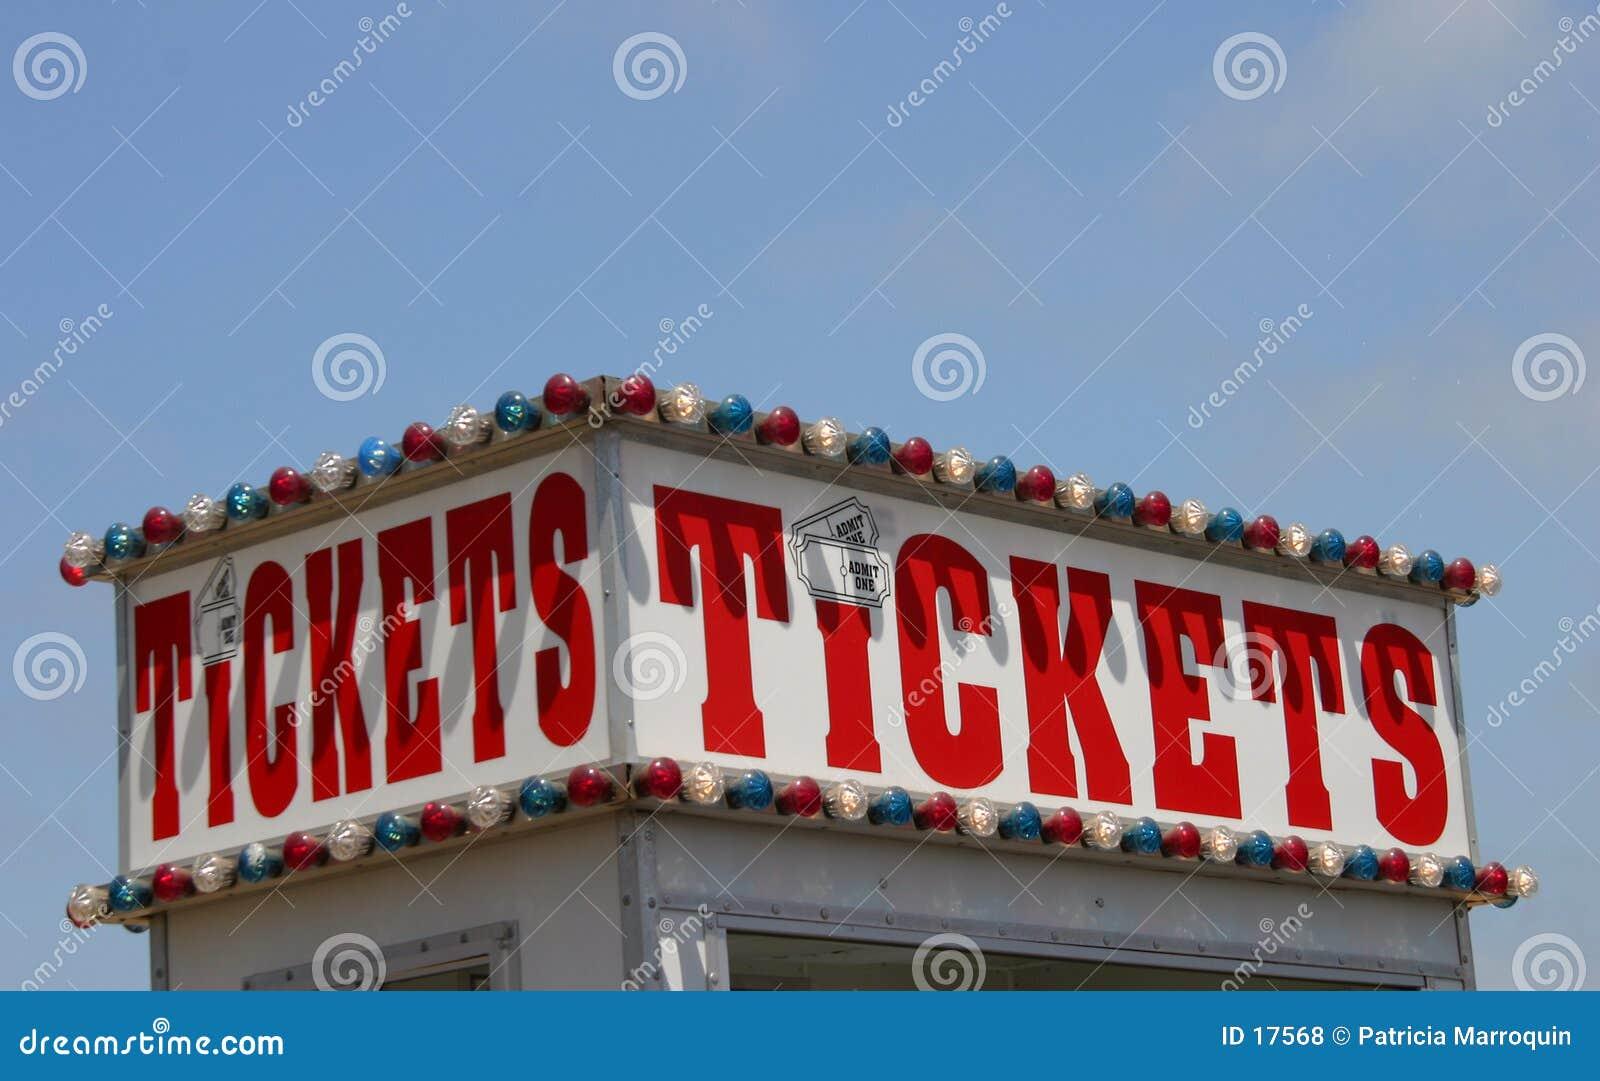 получите здесь снабжает ваше билетами